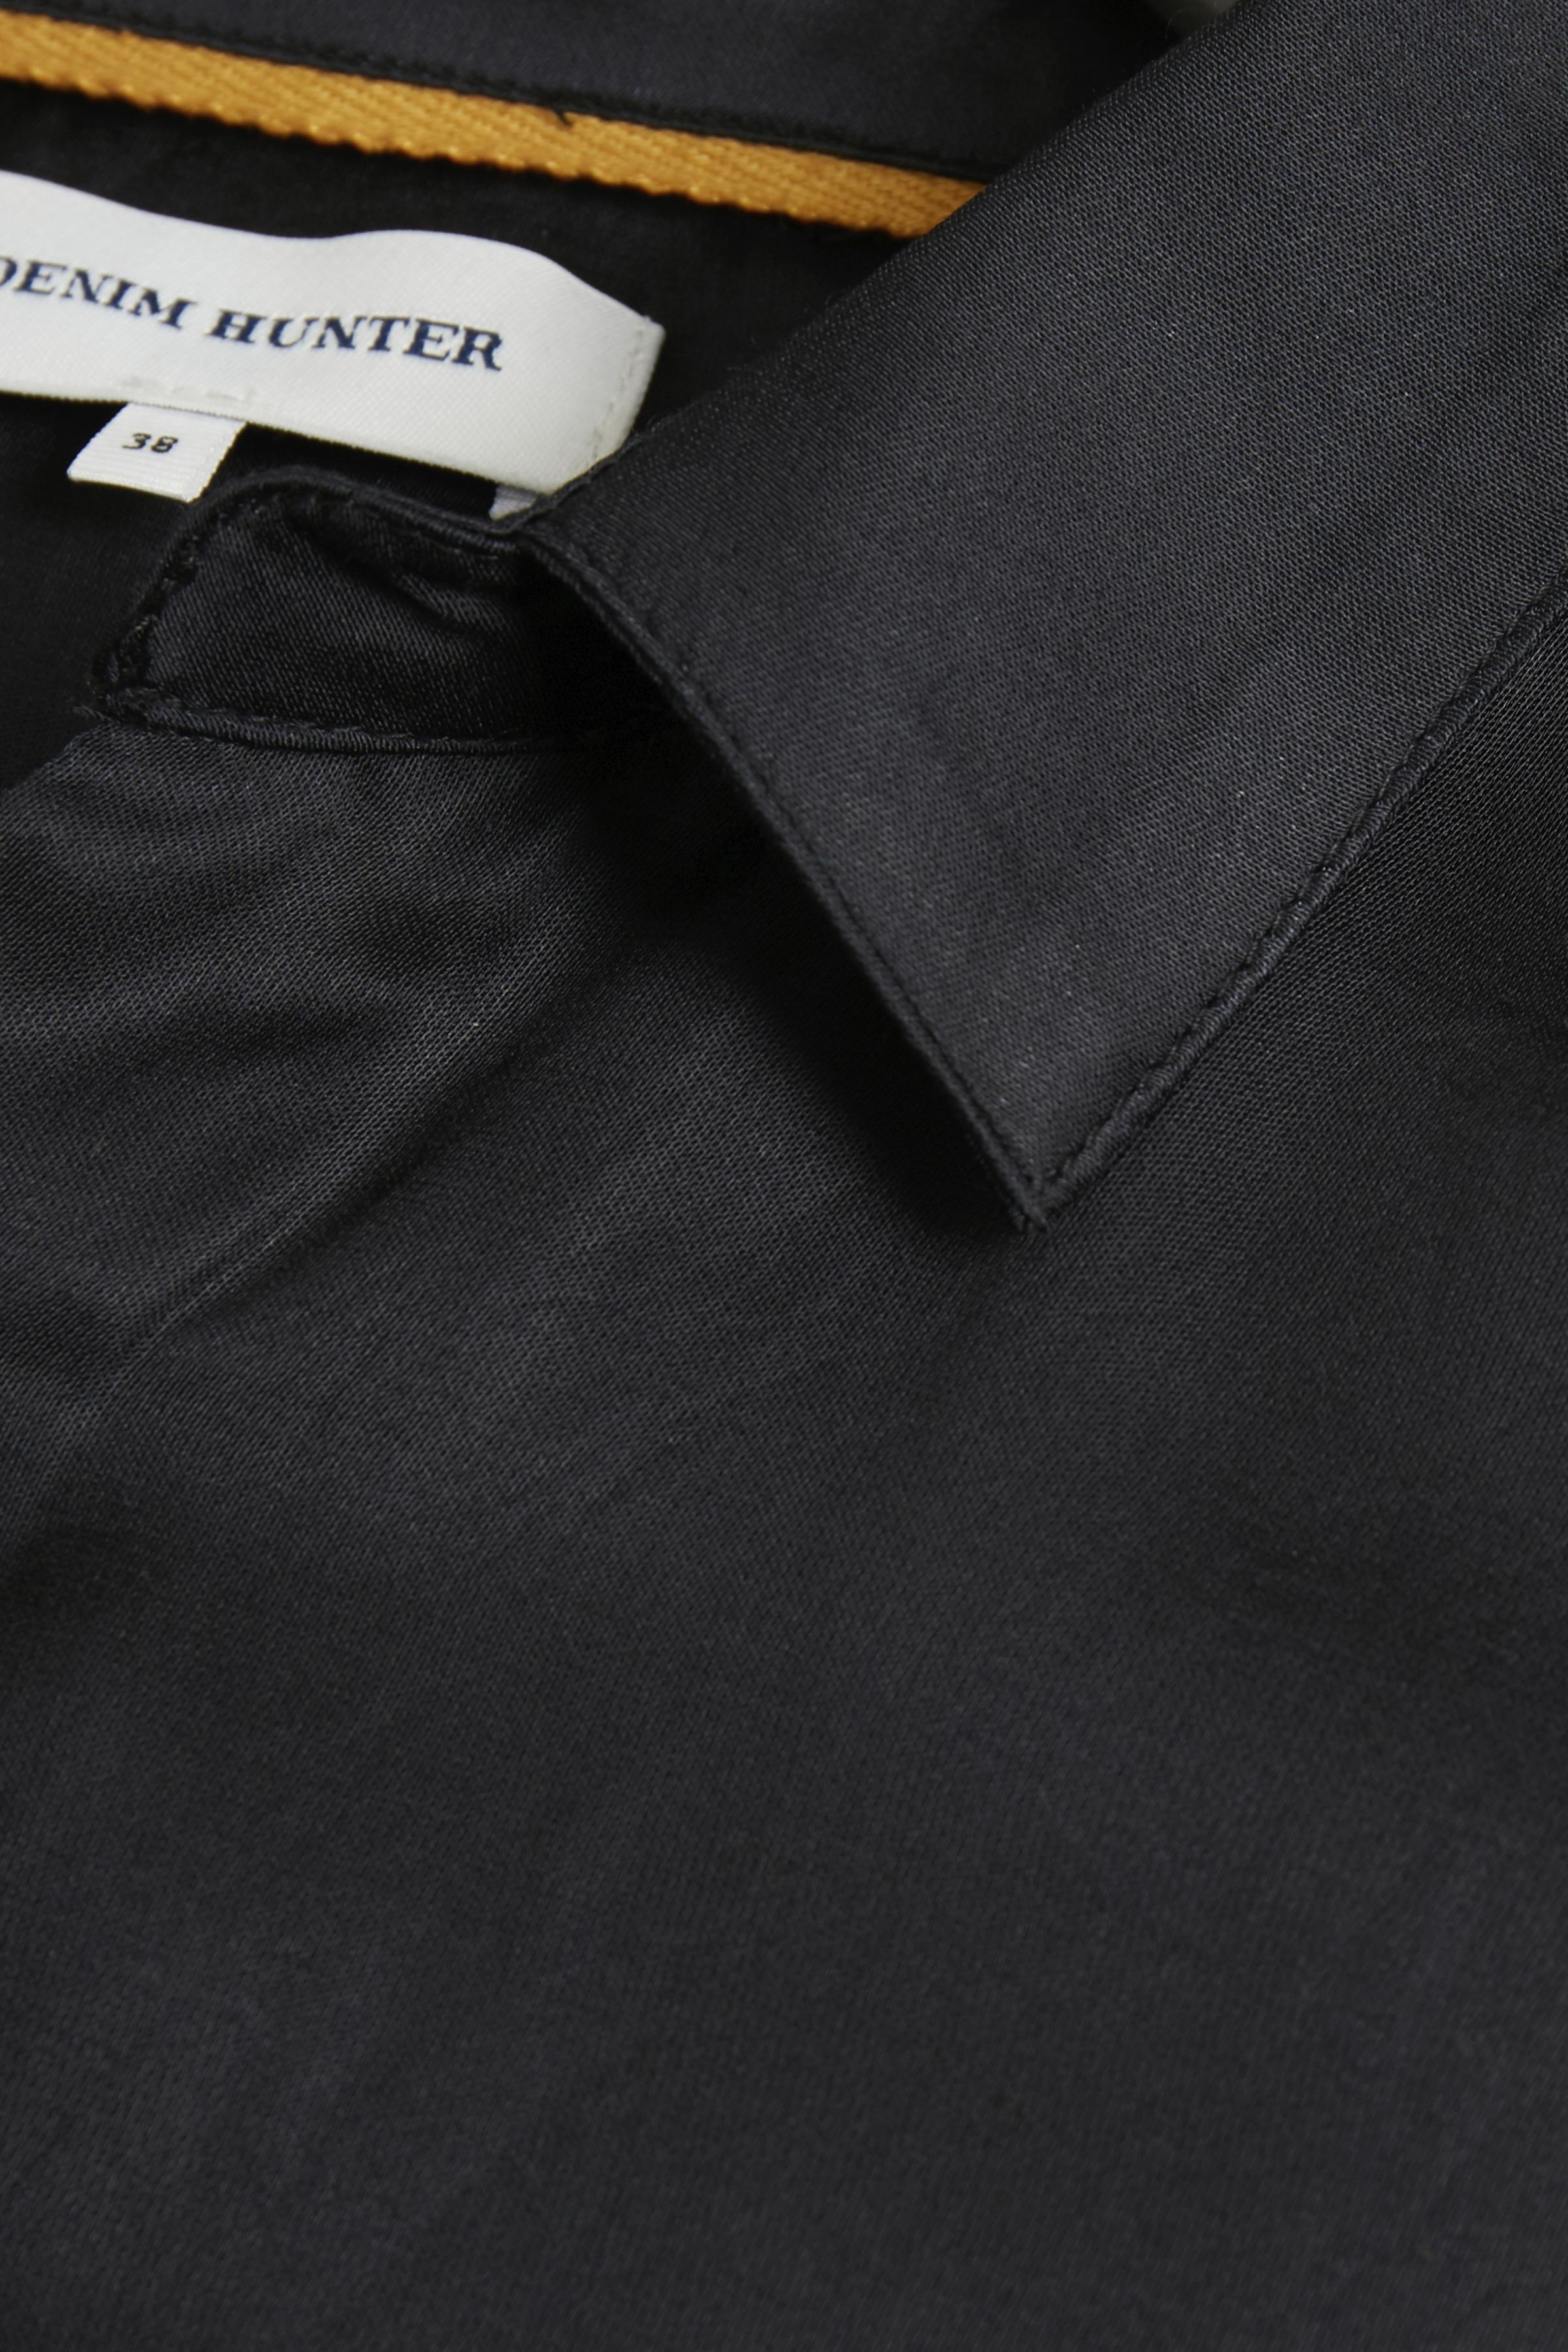 Schwarz Langarm-Bluse von Denim Hunter – Shoppen Sie Schwarz Langarm-Bluse ab Gr. 34-46 hier